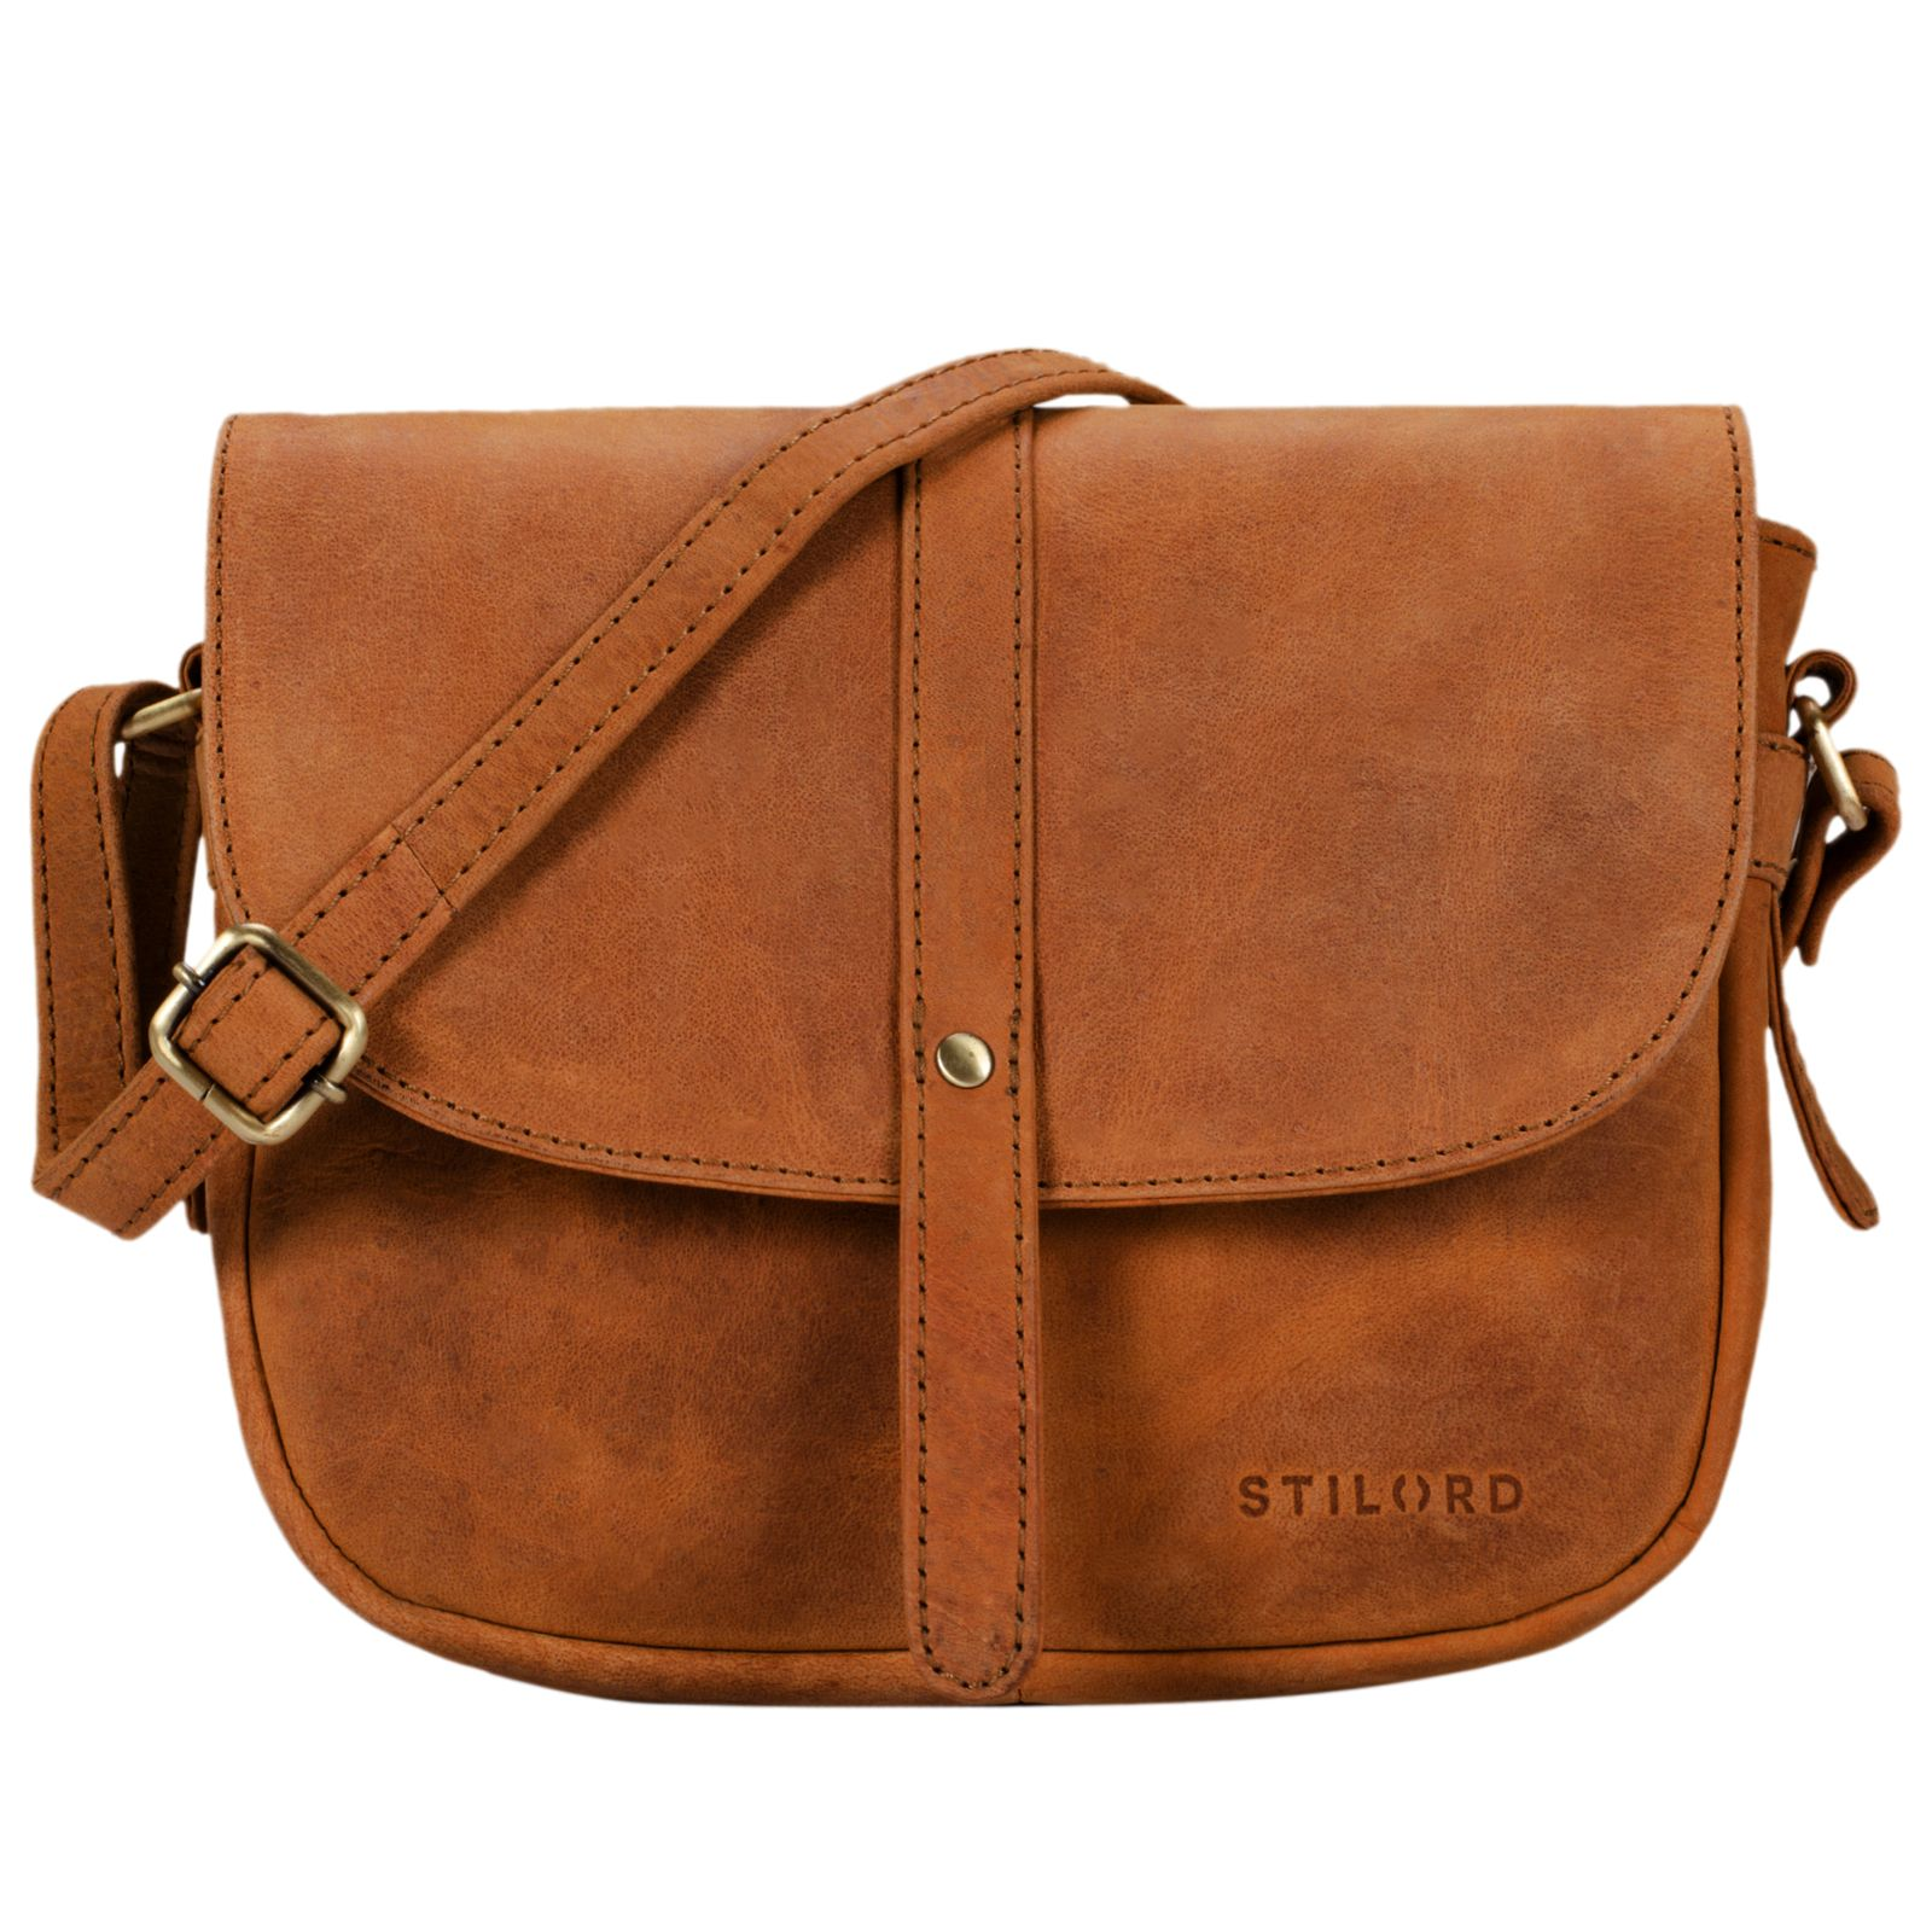 """STILORD """"Kira"""" Umhängetasche Frauen Leder Vintage kleine Handtasche zum Ausgehen klassische Abendtasche Partytasche Freizeittasche Echtleder - Bild 13"""